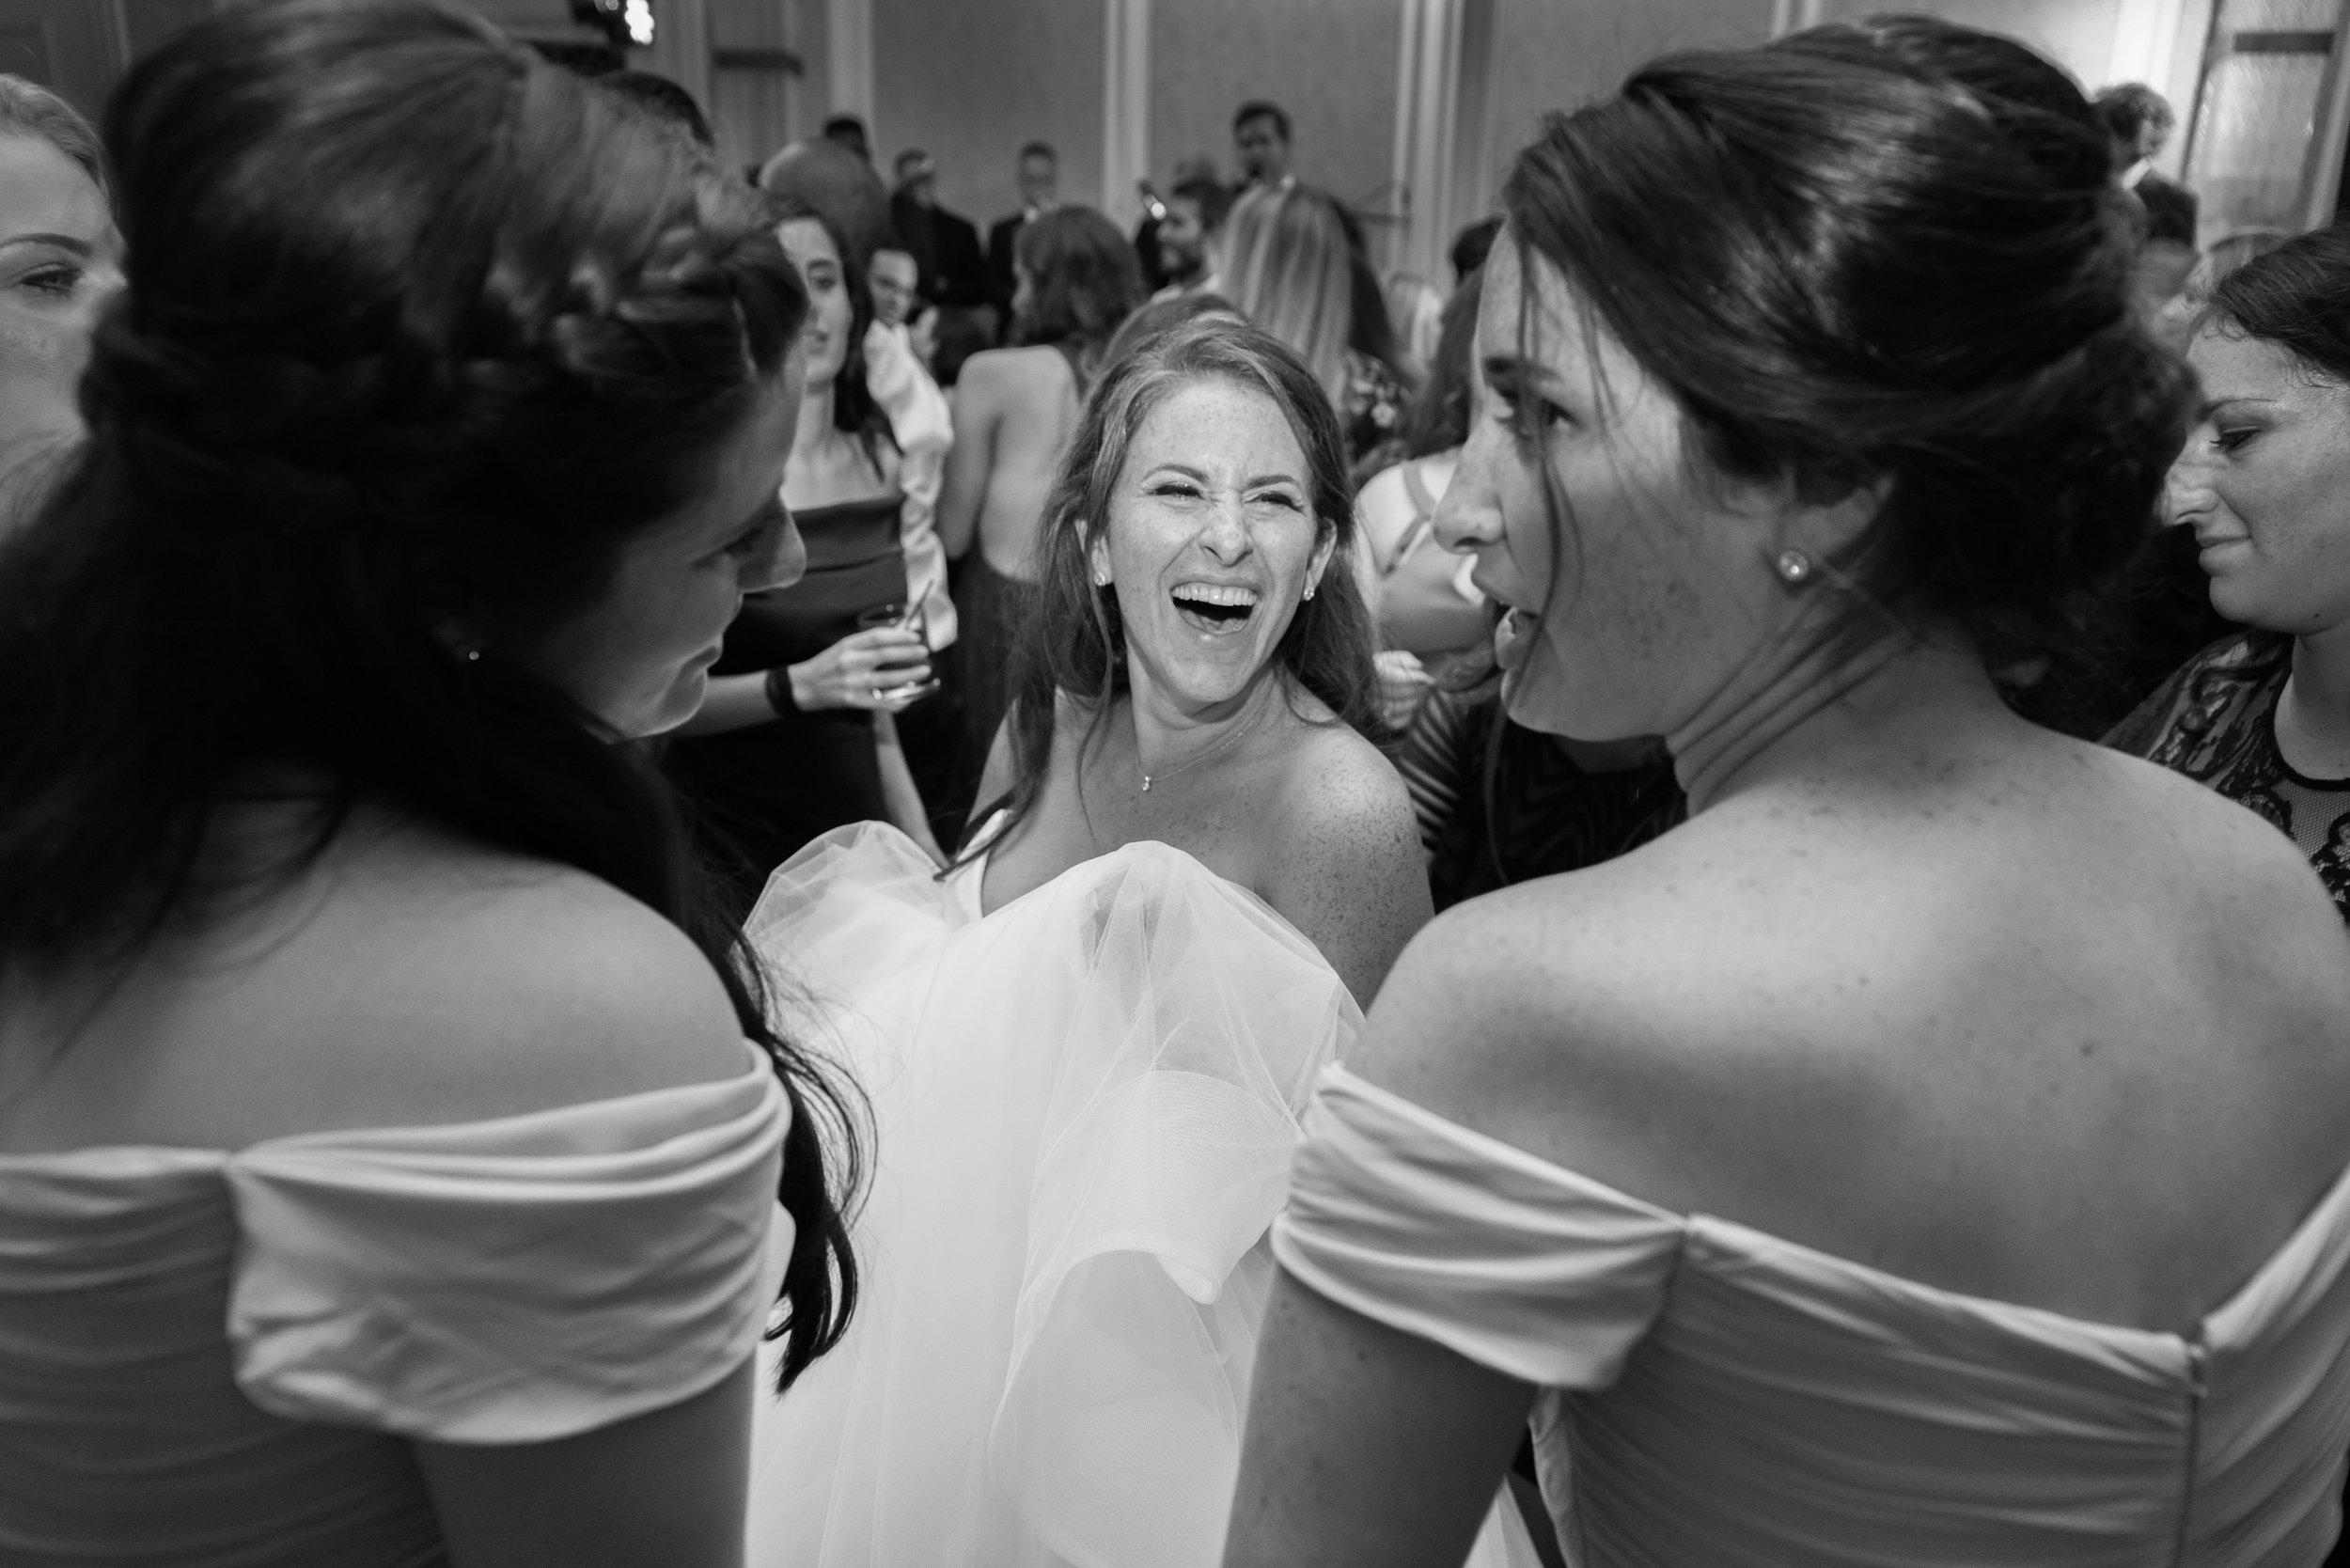 Awesome dance floor bride photos at Hyatt Reston by Jessica Nazarova